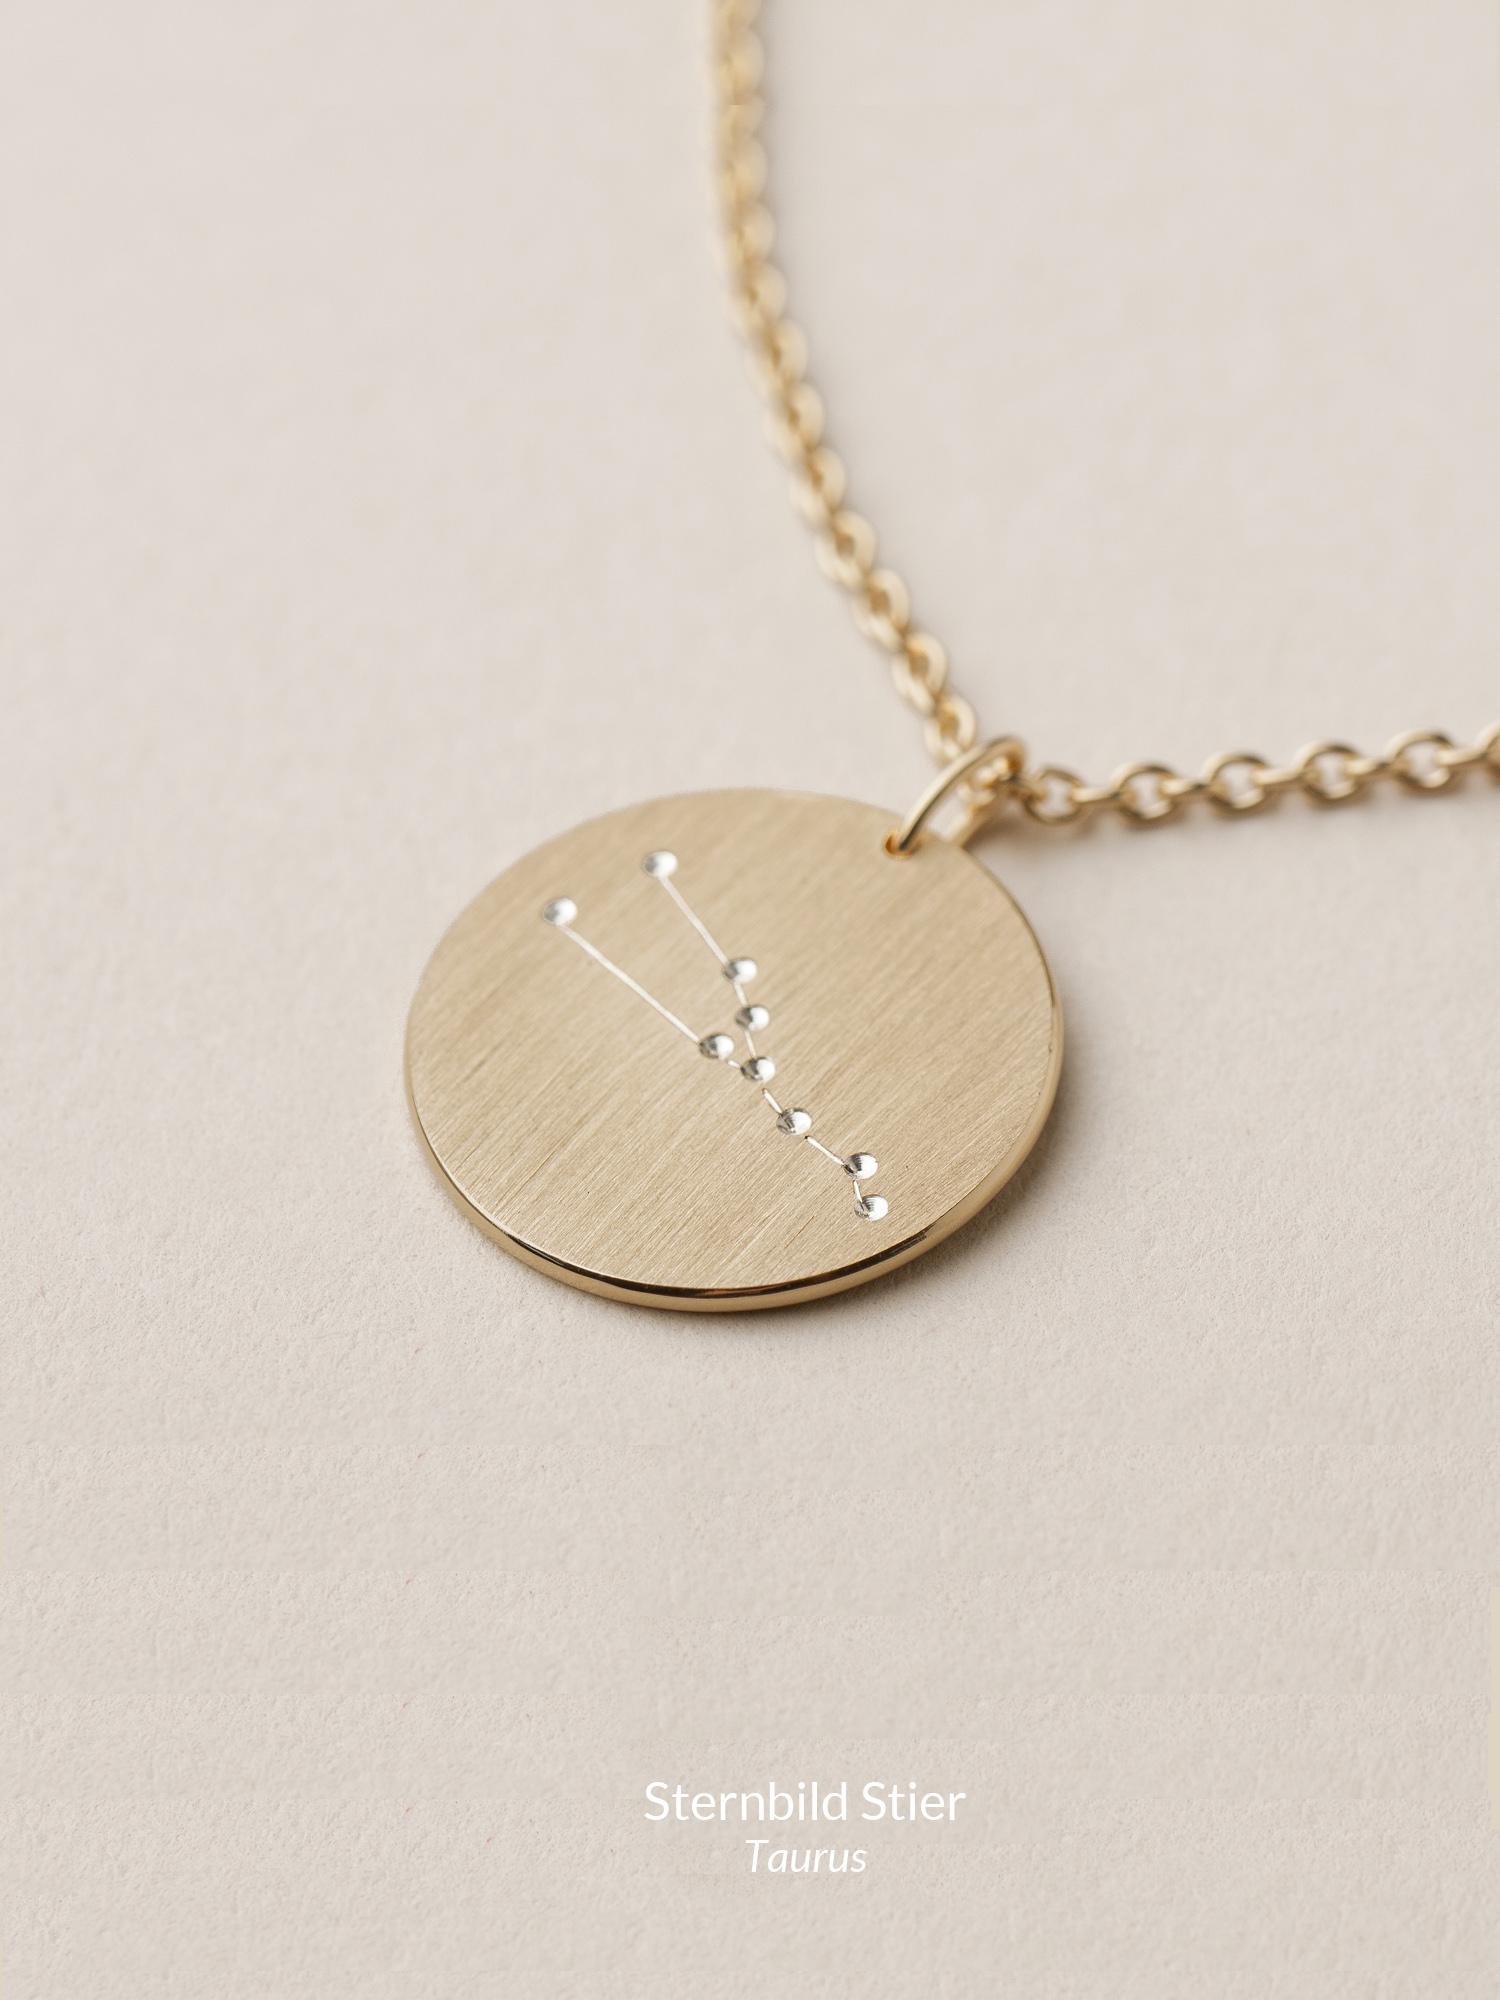 Sternbild Anhänger Stier in 585 Gold  Zodiac sign pendant Taurus in 14ct gold